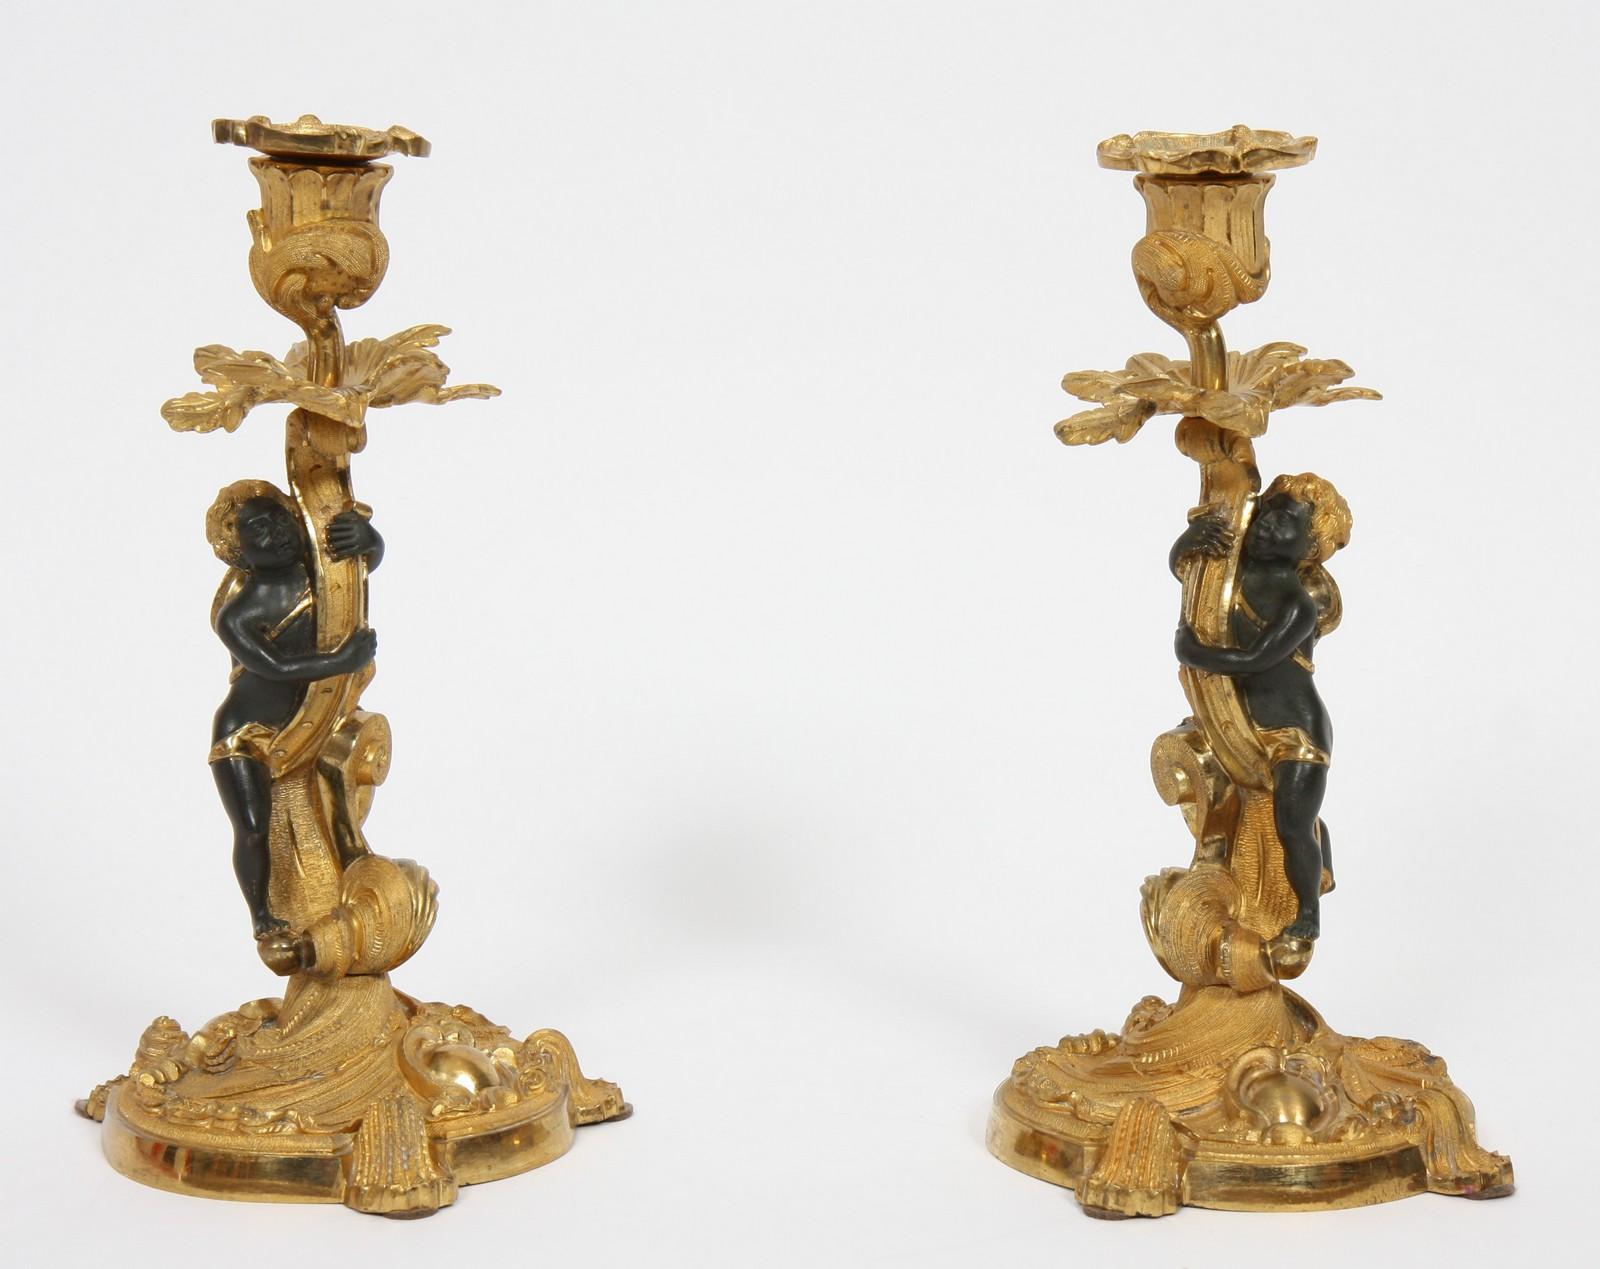 PAIRE DE BOUGEOIRS ROCAILLE AUX CHERUBINS En bronze à patine brune et dorée, de style Rocaille à